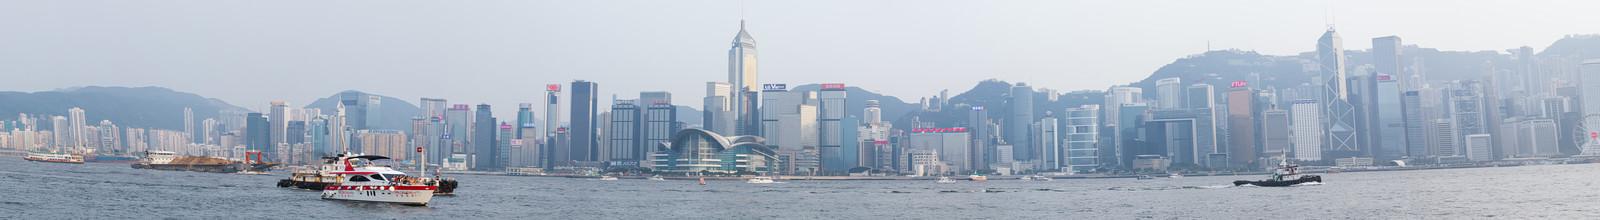 「香港ビクトリアハーバー(パノラマ)」の写真